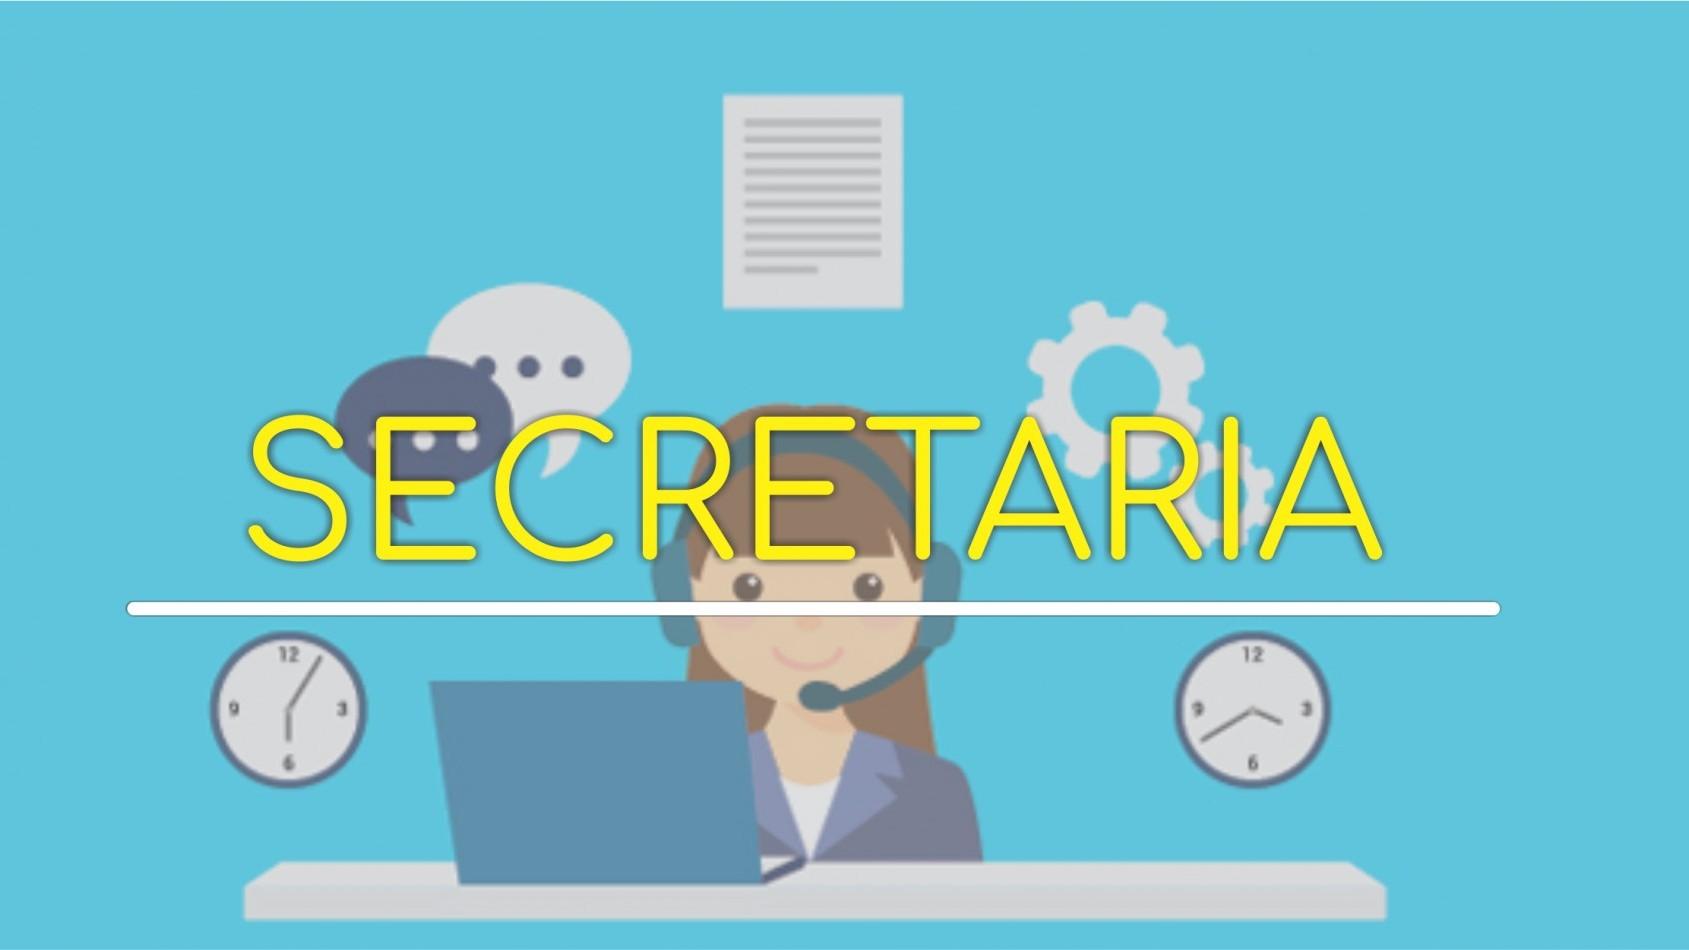 Atendimento secretaria